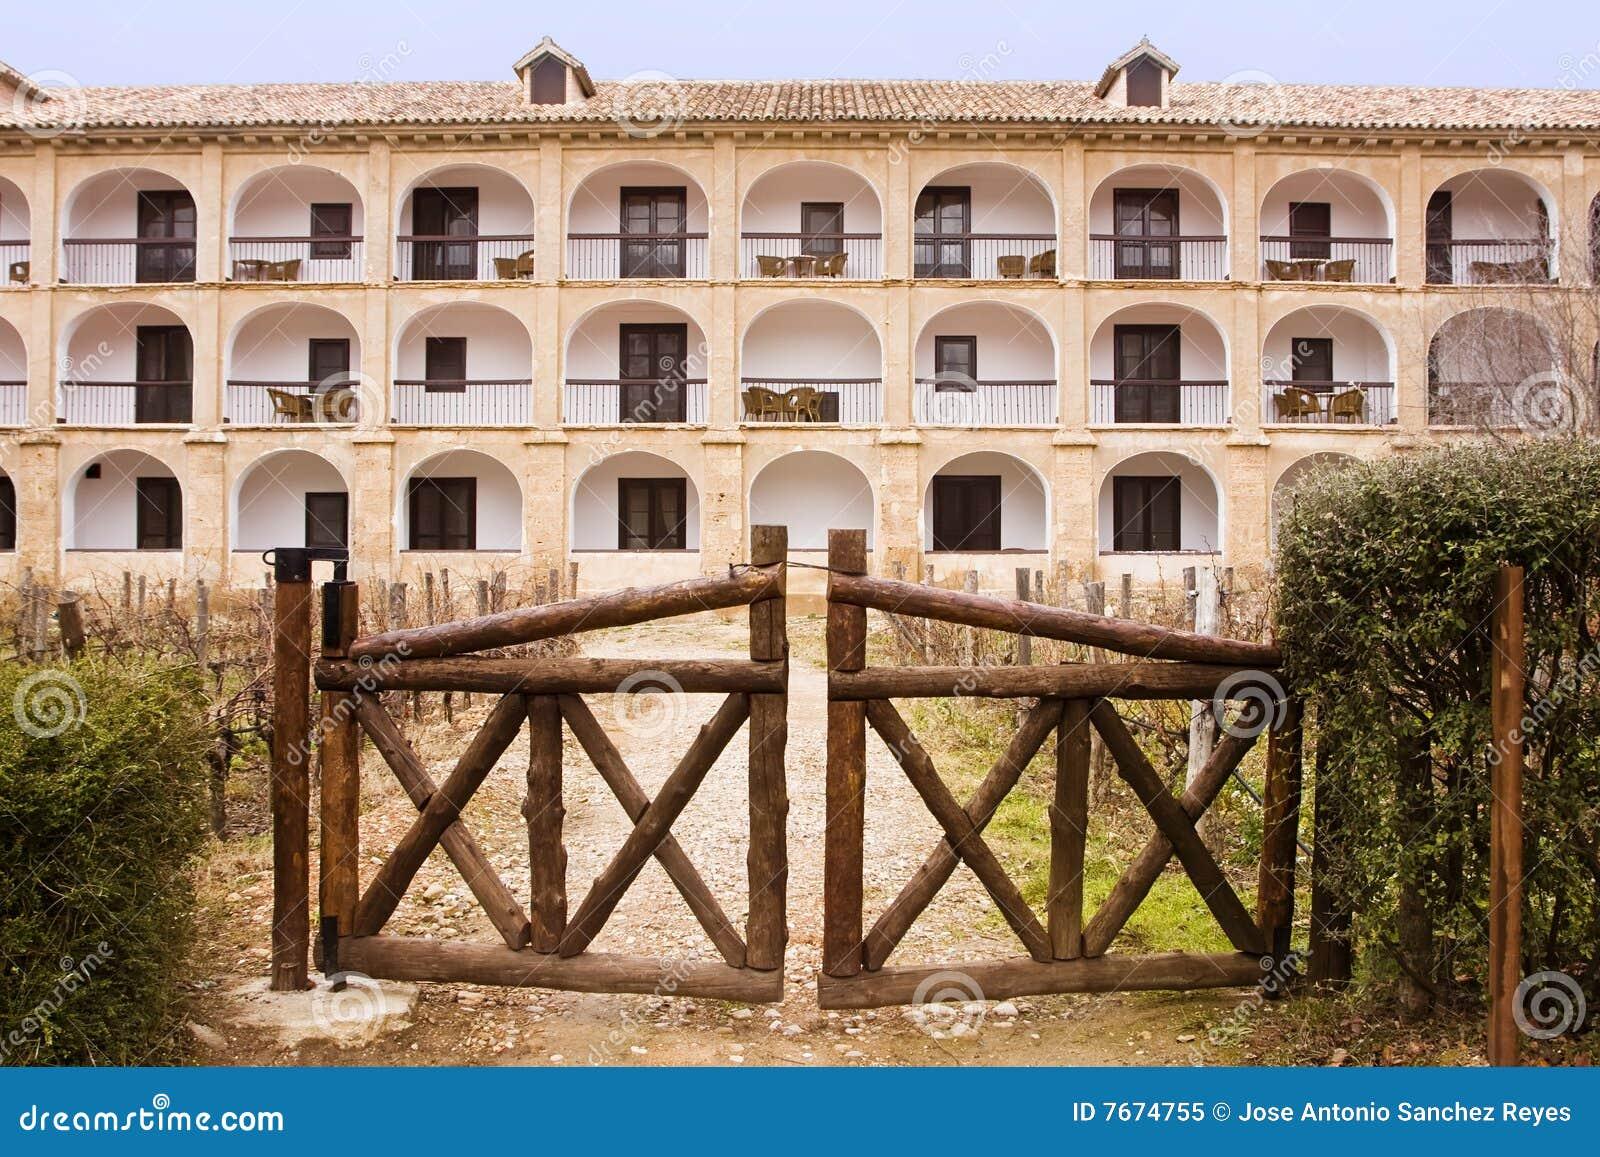 Photo Facade Villa : Villa facade royalty free stock photo image